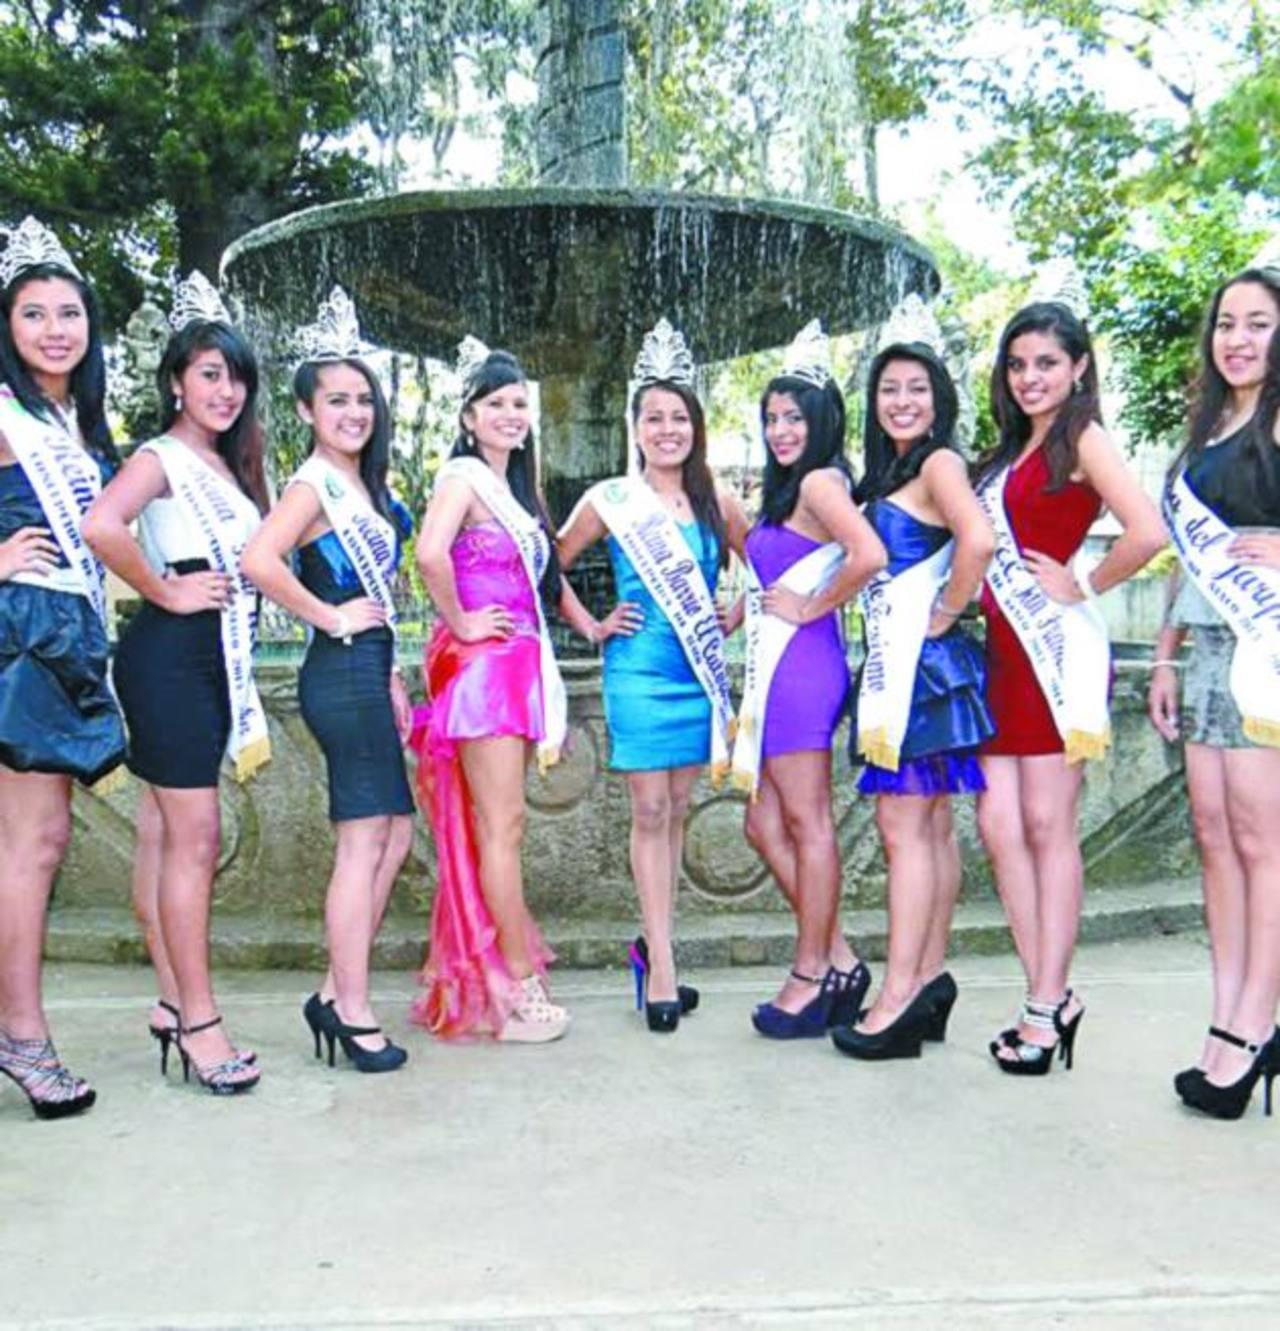 Nueve señorita aspiran a ser la reina de las fiestas de Concepción de Ataco 2013-2014. Foto EDH / Roberto Zambrano